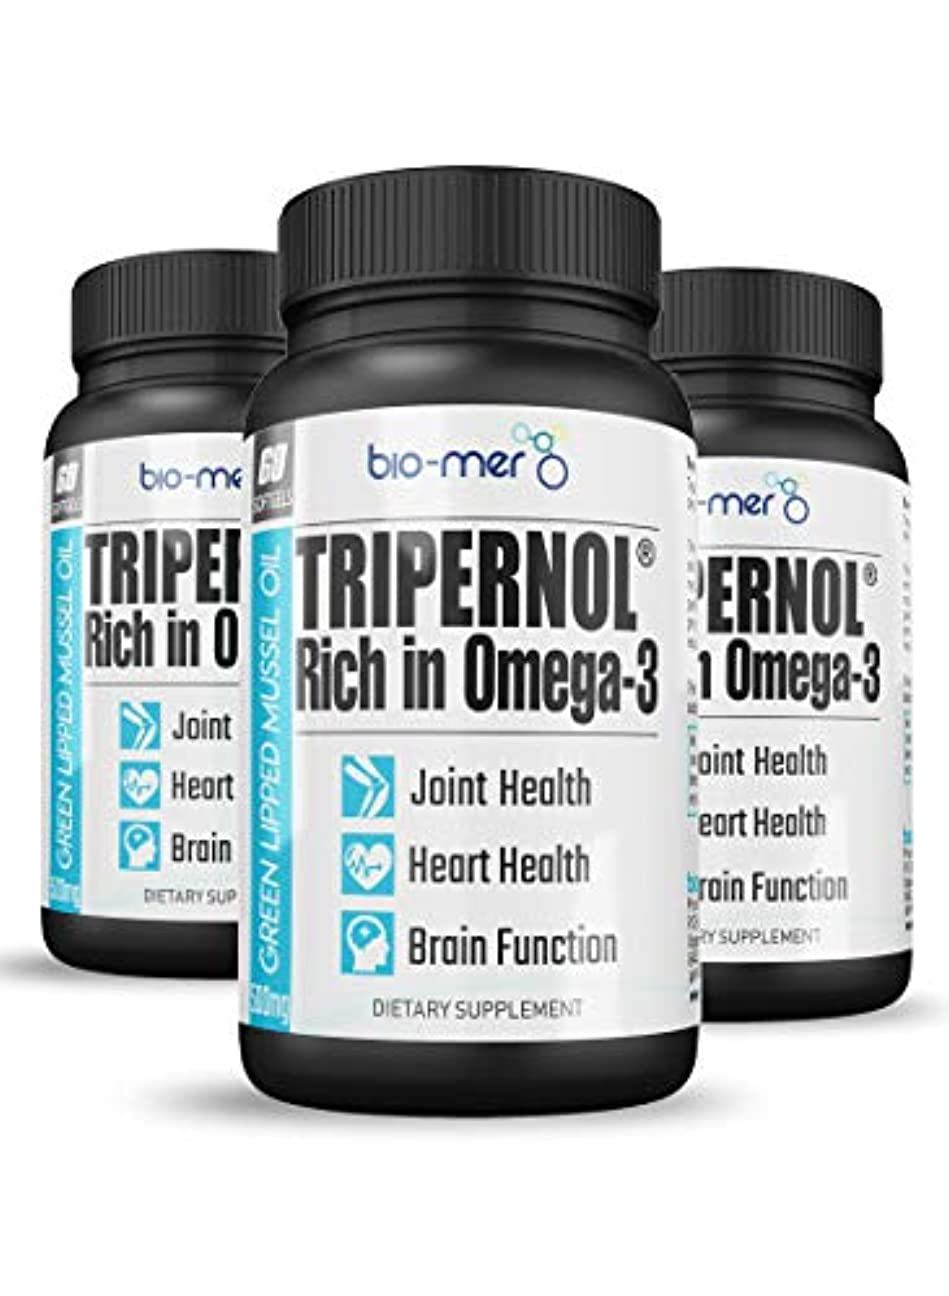 入札国際約TRIPERNOL 3 PACK - Three 60 count bottles (180 soft gels) - Green Lipped Mussel Oil - EPA & DHA Omega 3 & Phospholipids by Bio-Mer Ltd.